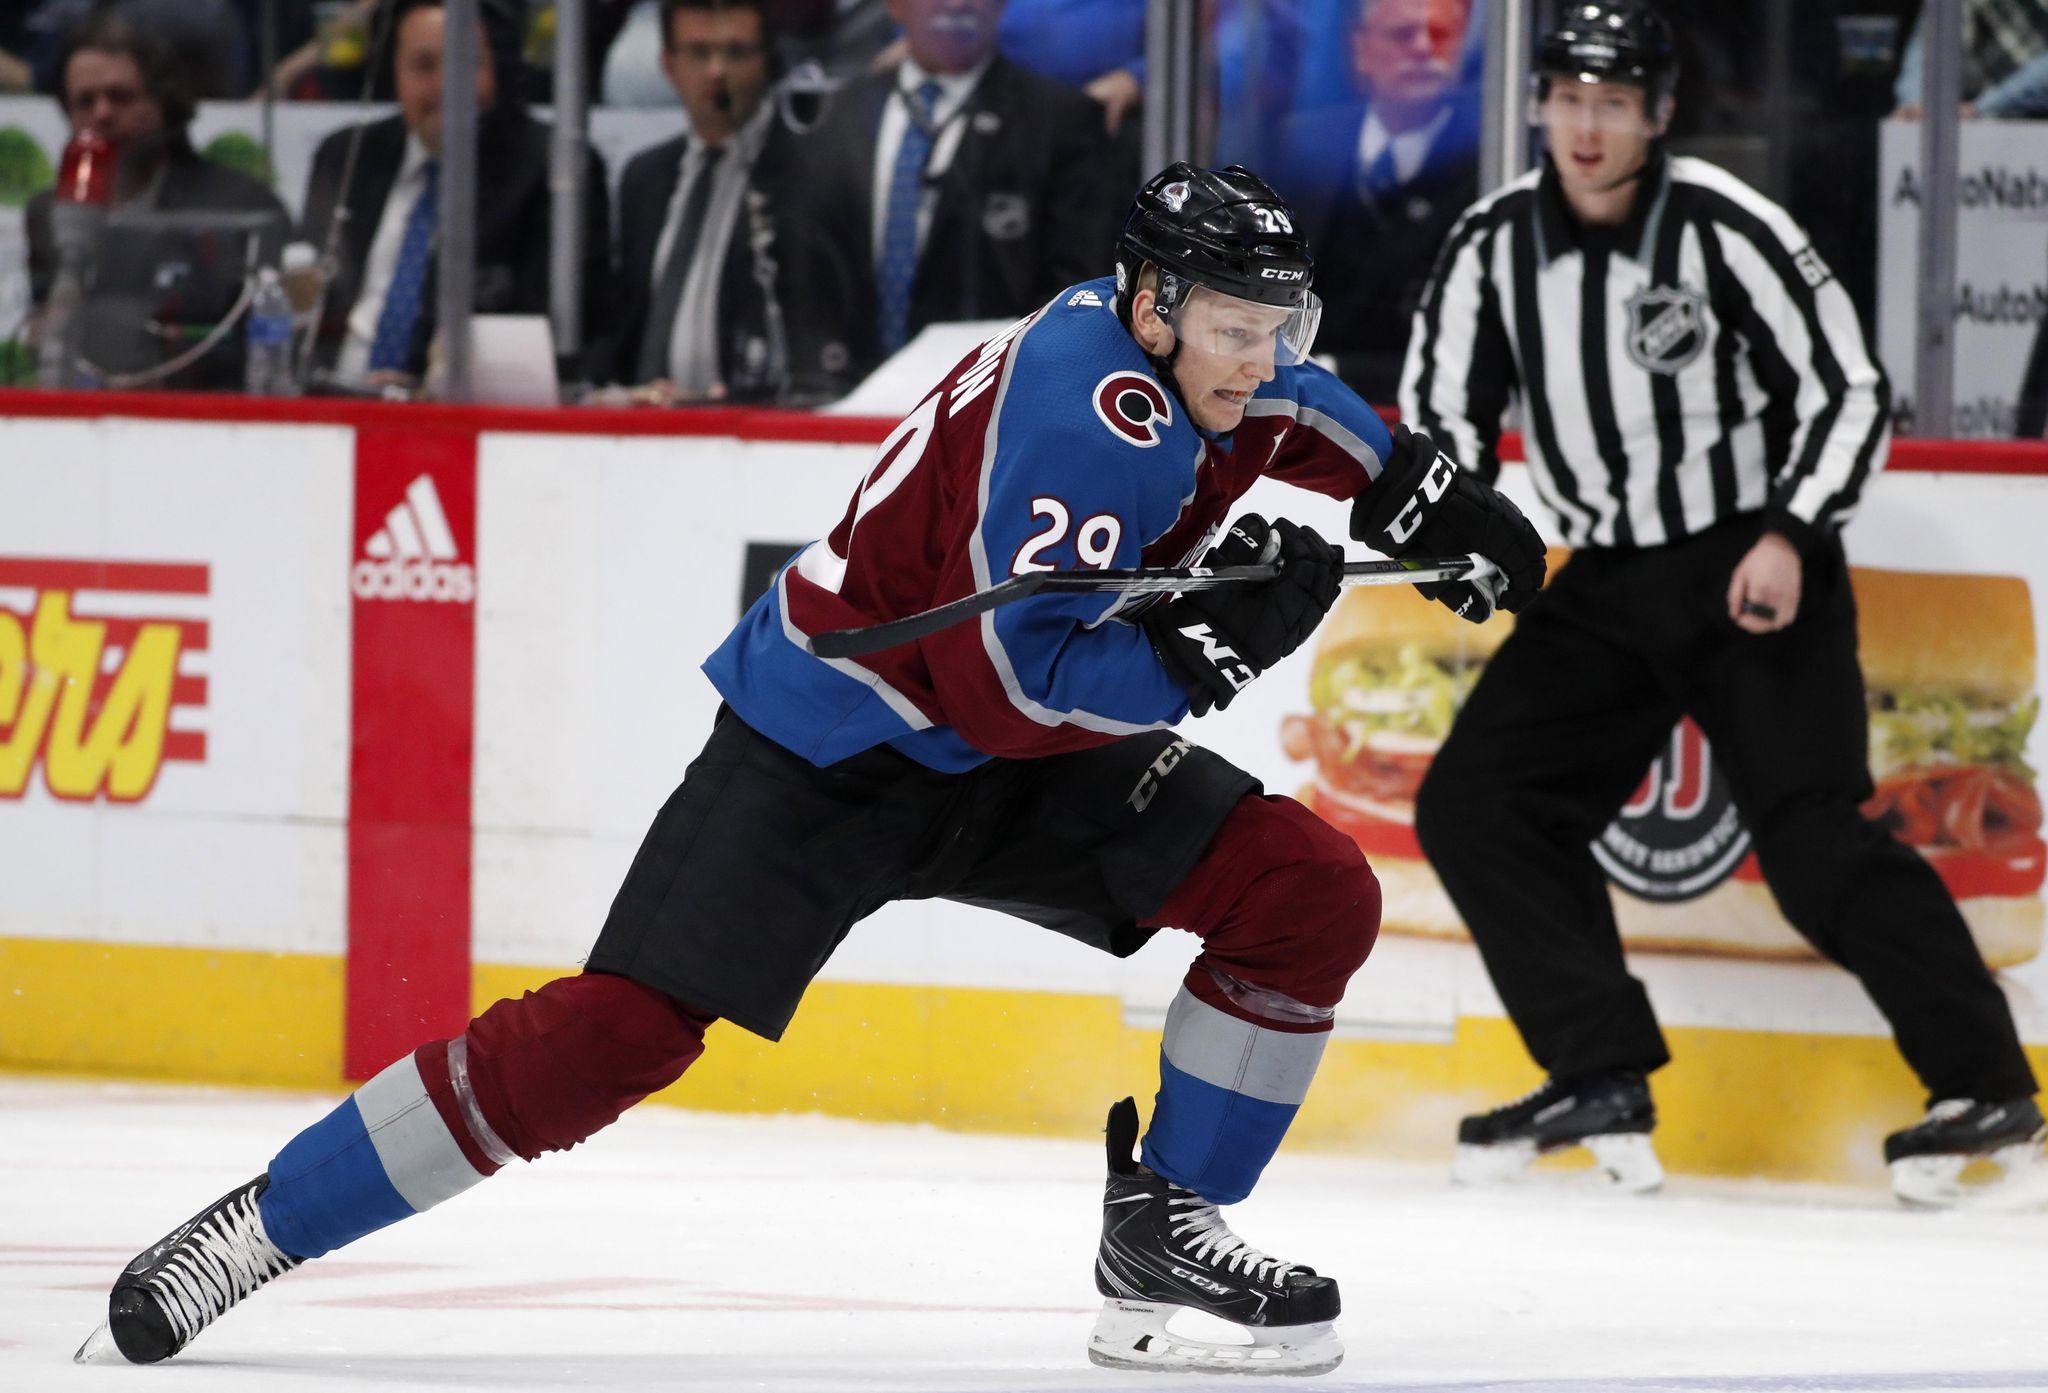 Avalanche_camp_hockey_06070_s2048x1393